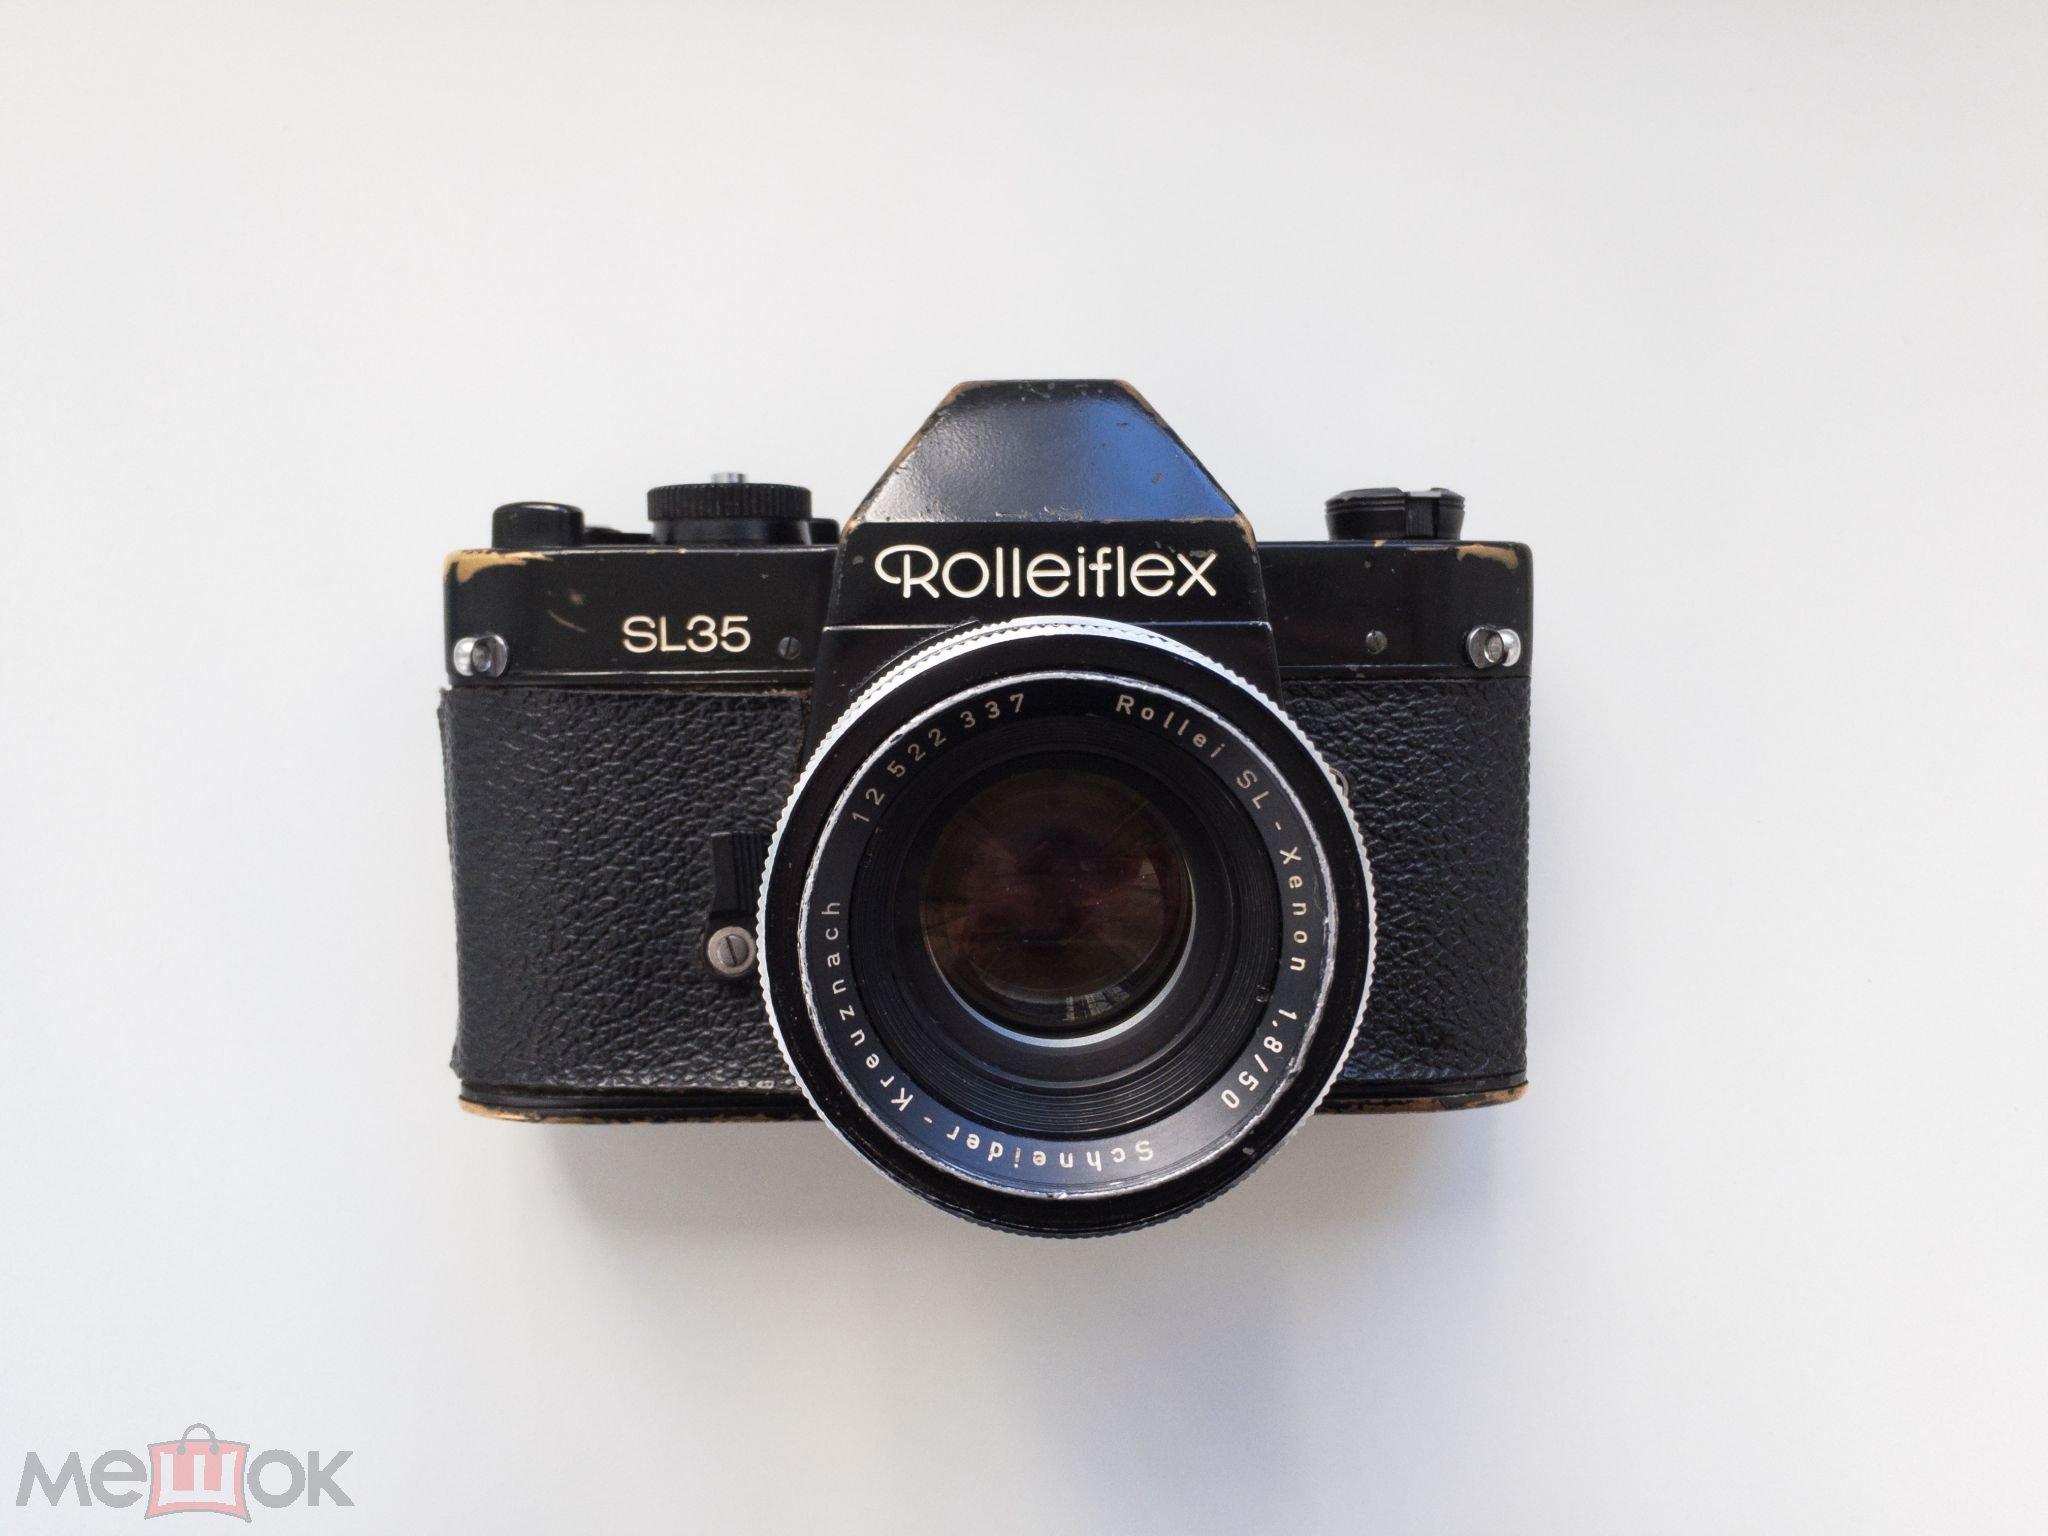 фотографии с rolleiflex sl35